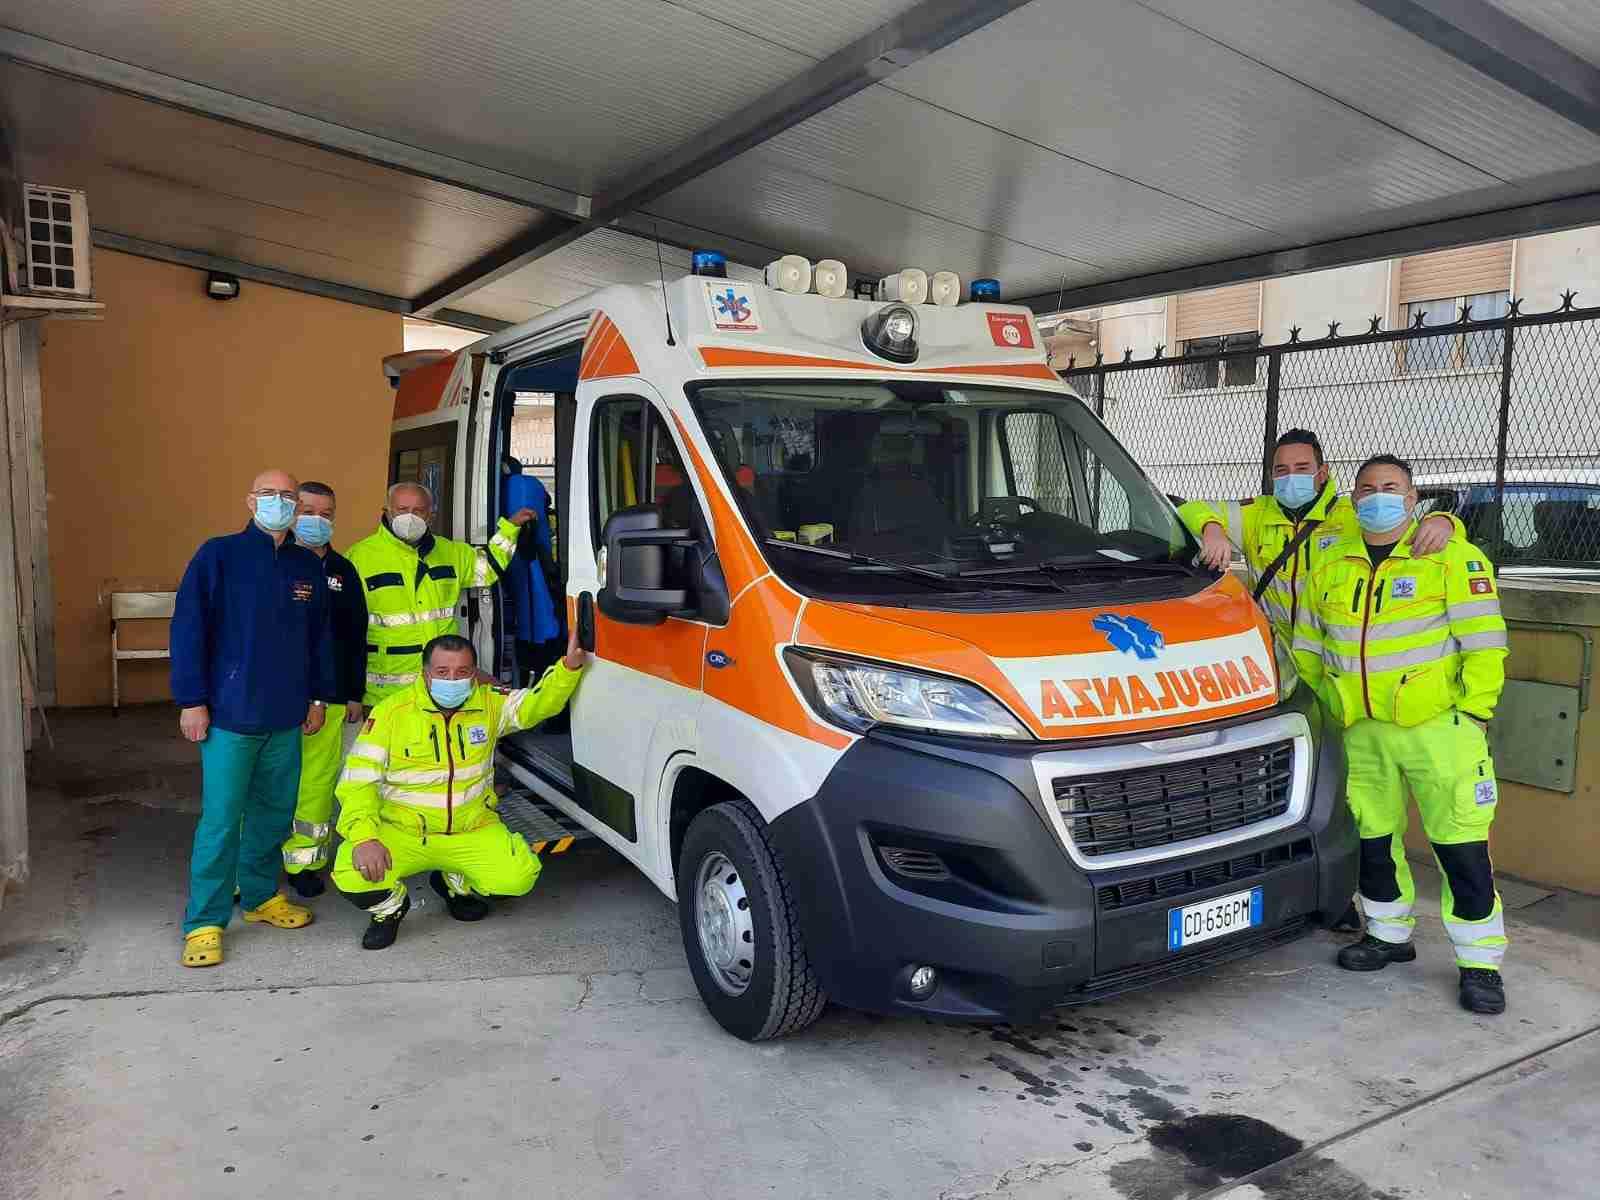 Al Pronto Soccorso di Rosolini arriva una nuova e moderna ambulanza